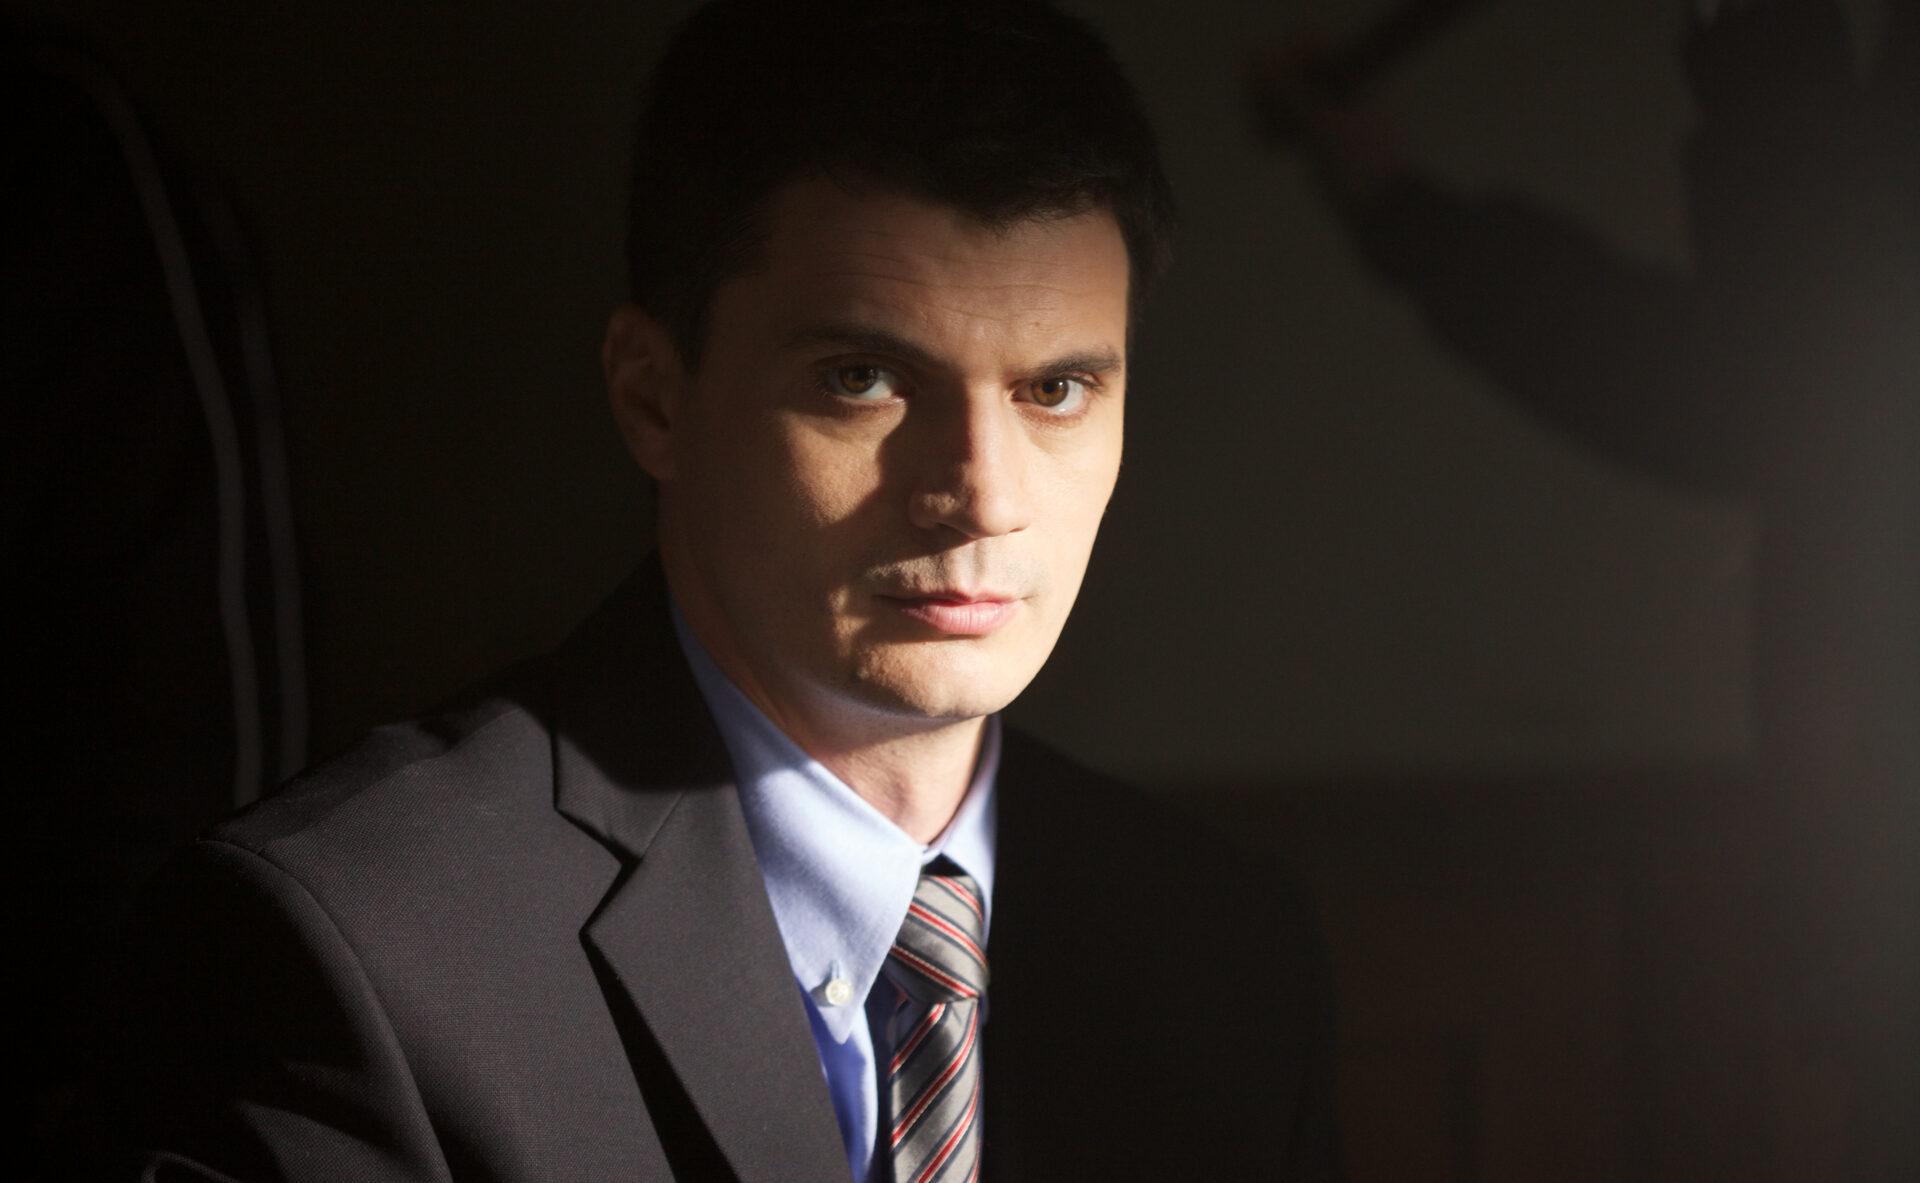 Turcescu a devenit actor, de fapt